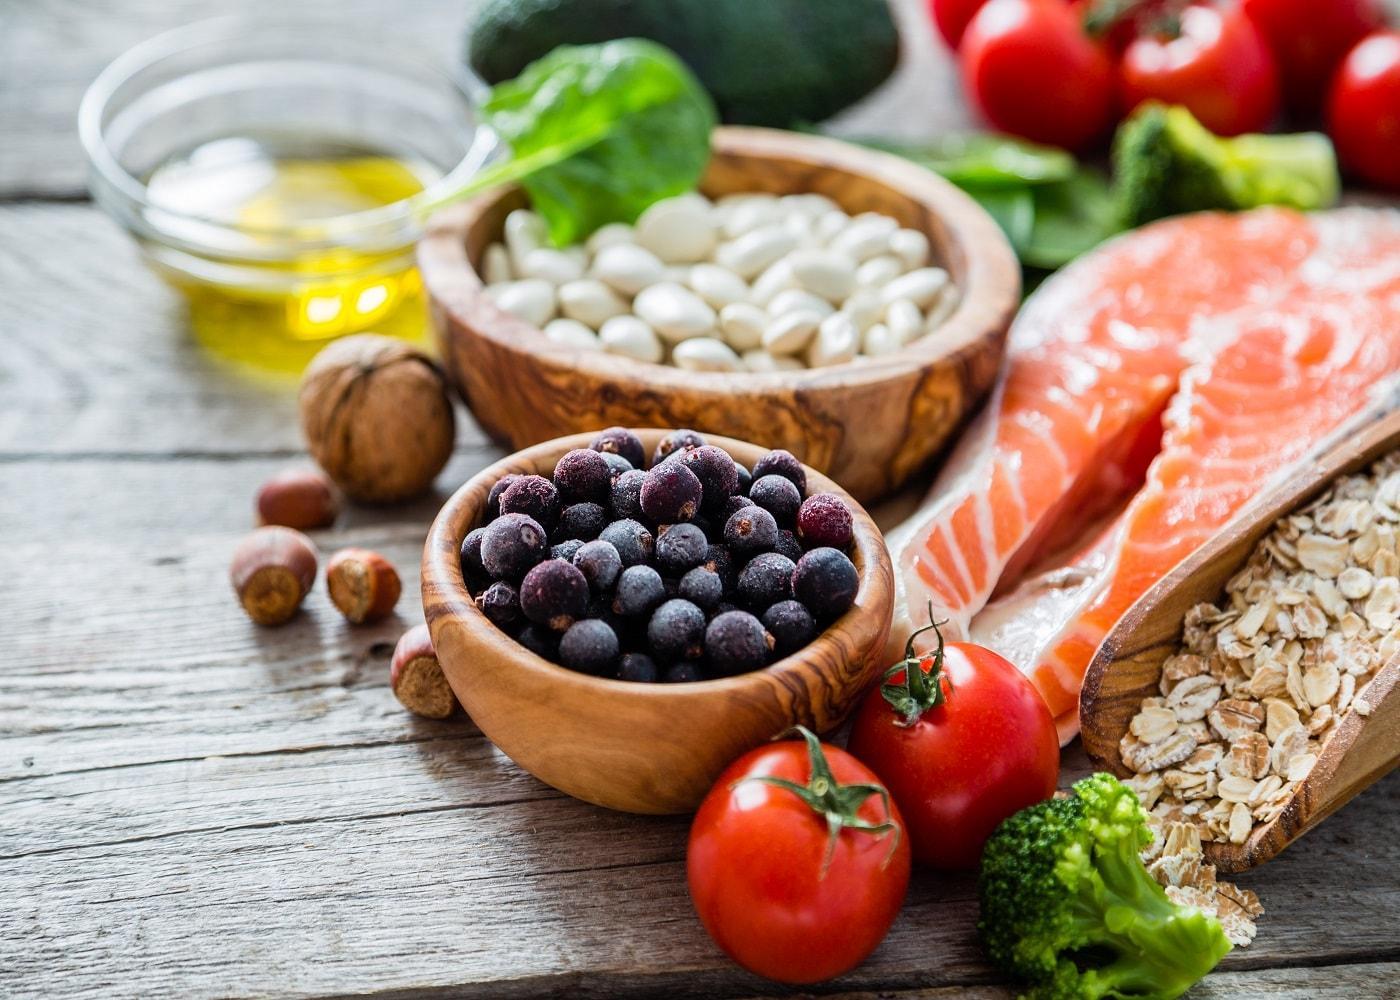 Alimentaţia sănătoasă – reguli de bază pentru o viaţă ferită de boli!